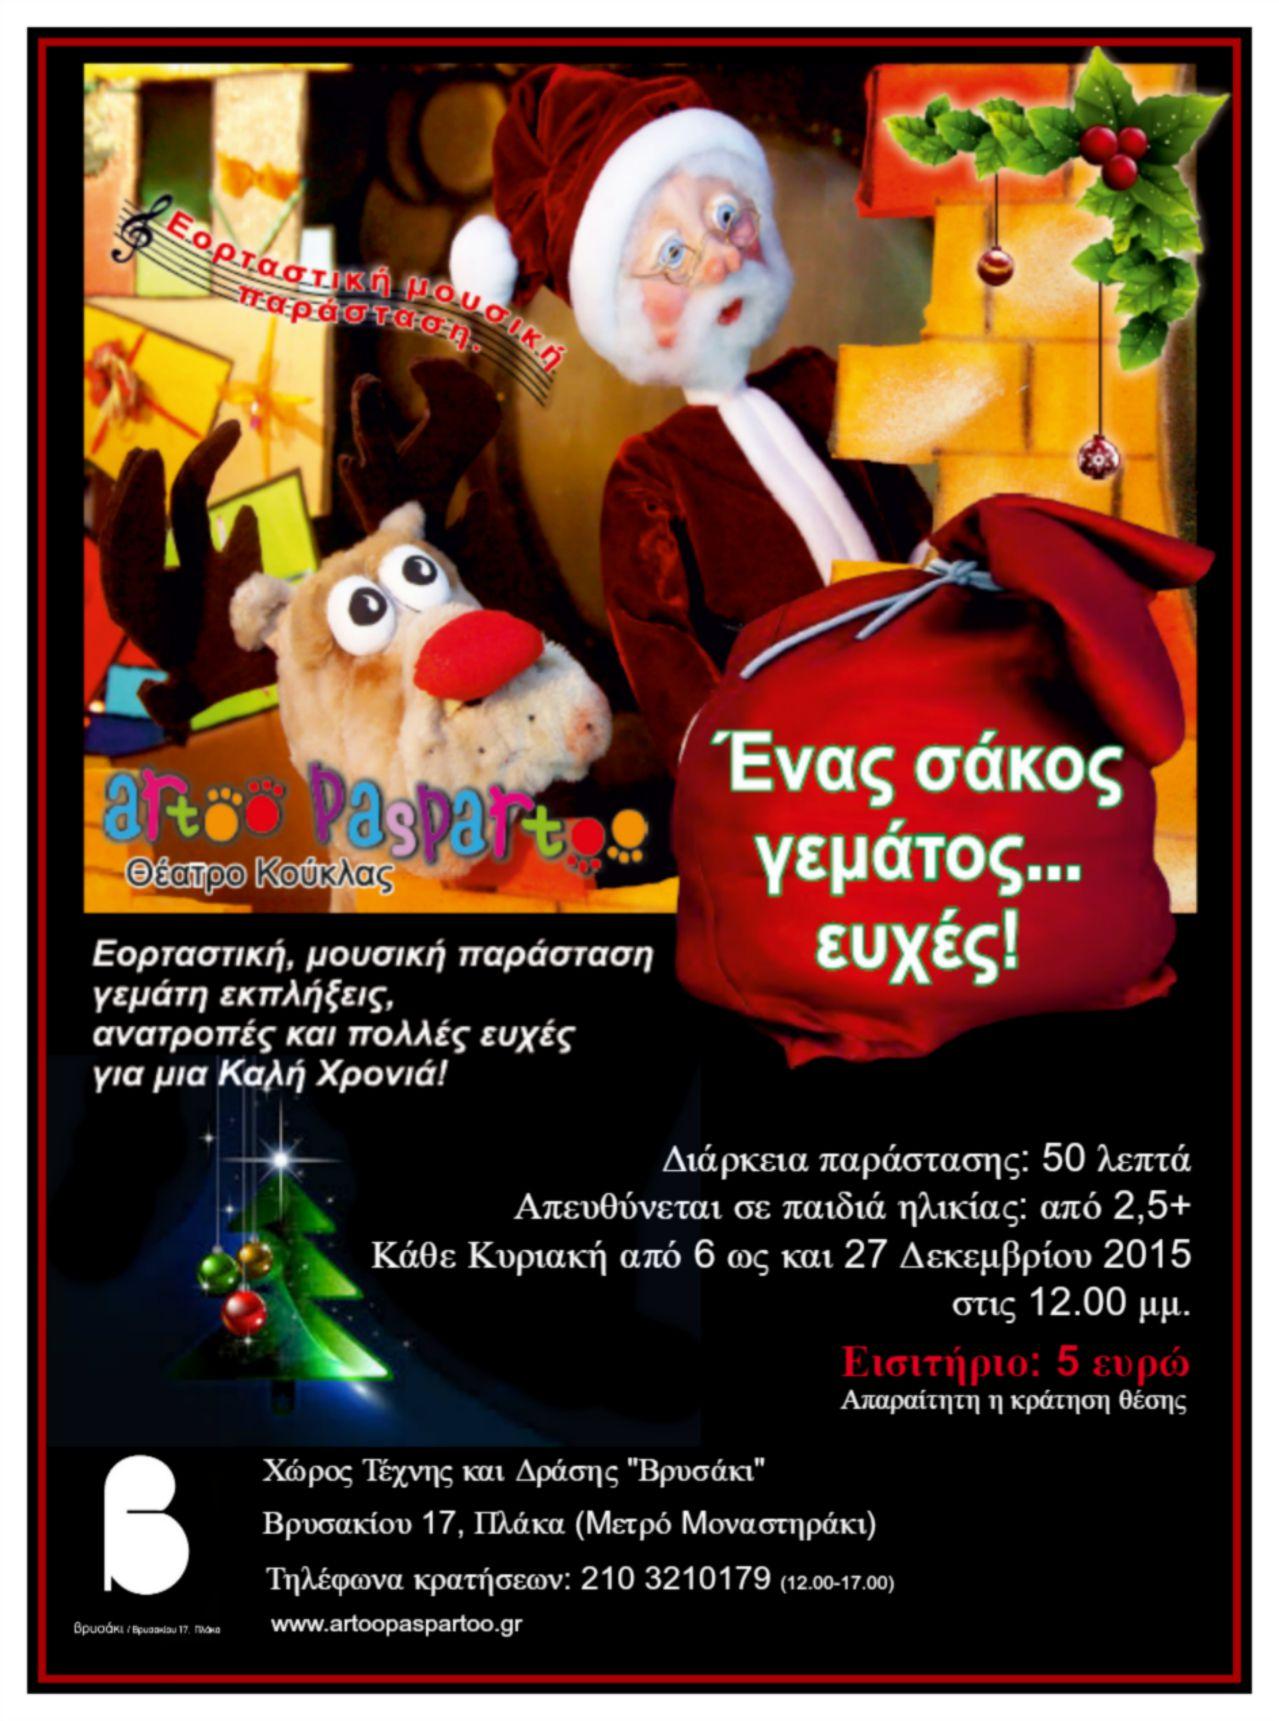 Ενας σάκος γεμάτος... ευχές - Παραστάσεις Κουκλοθεάτρου ArtooPaspartoo